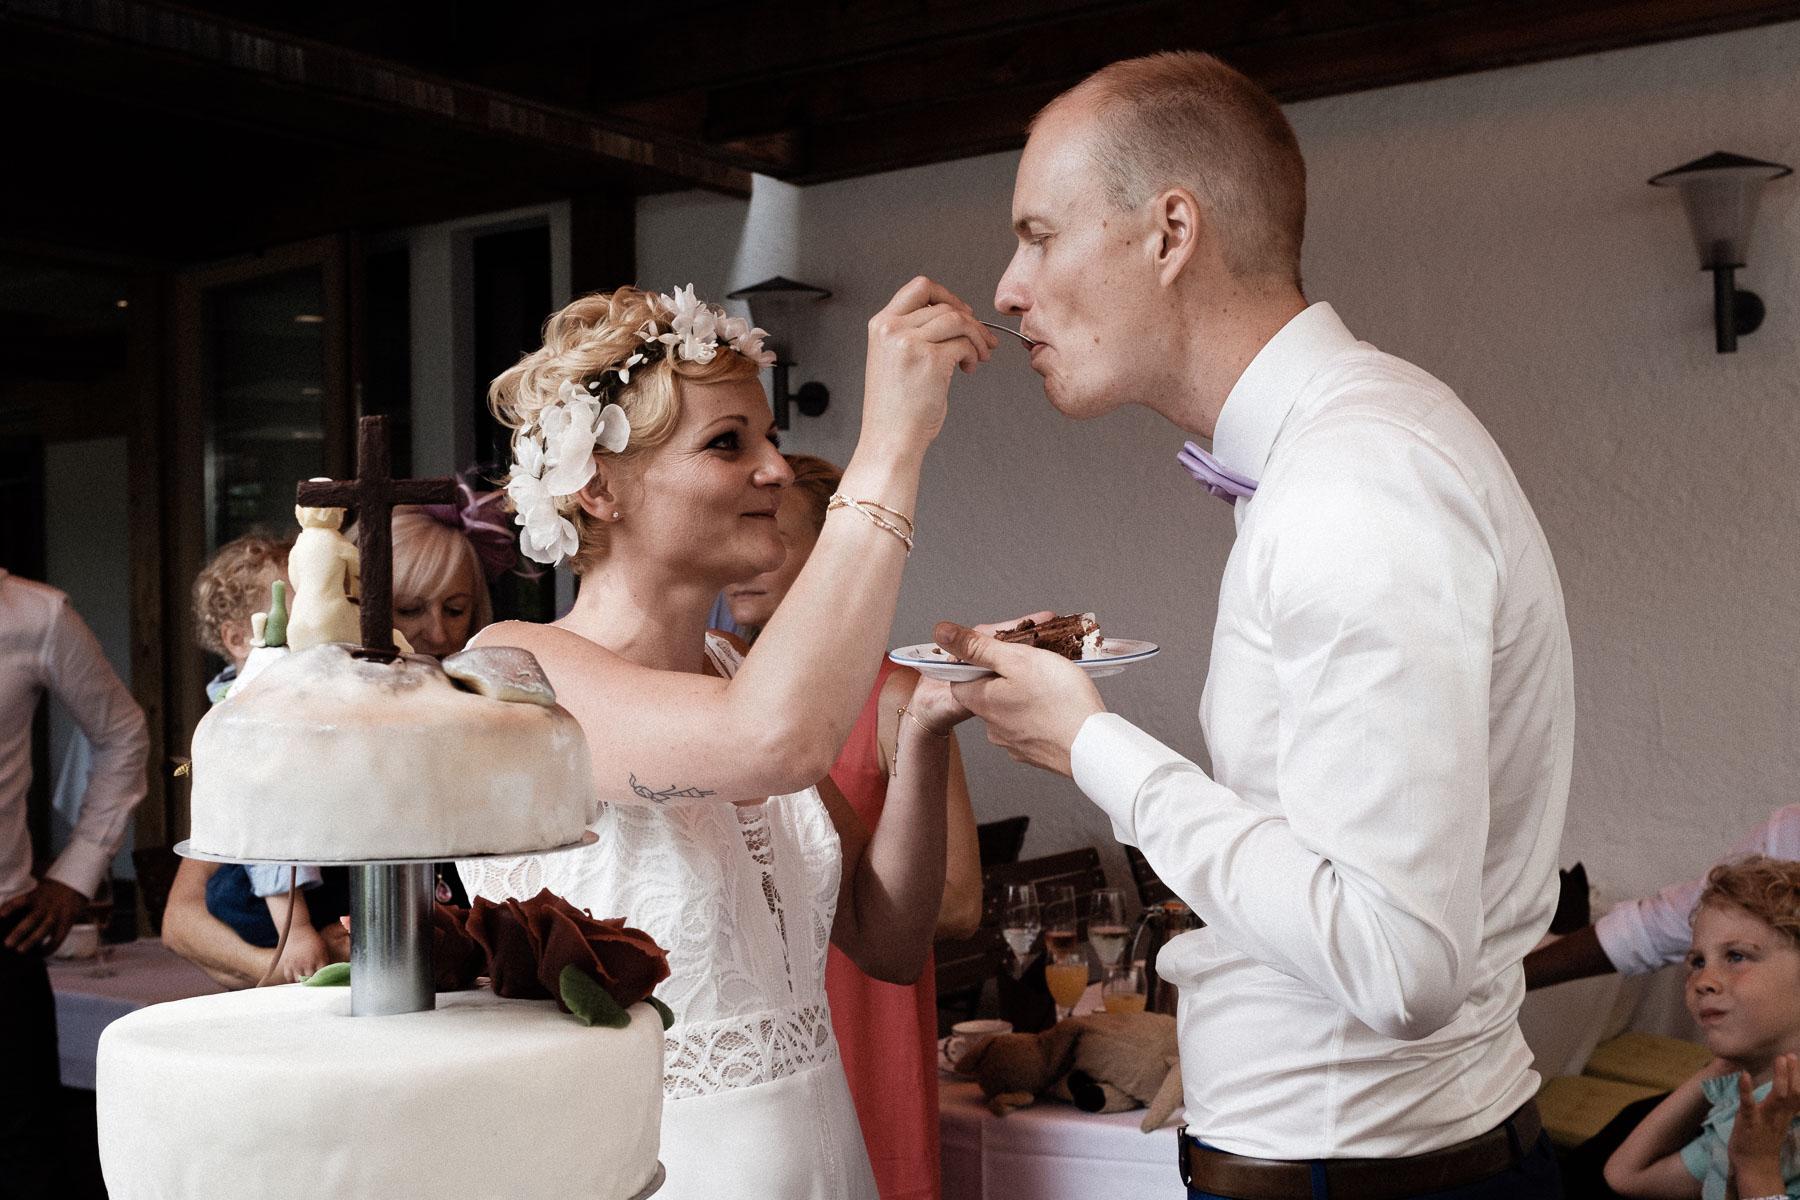 MartinLiebl_Hochzeitsfotograf_LCL_II_Blog_41.jpg